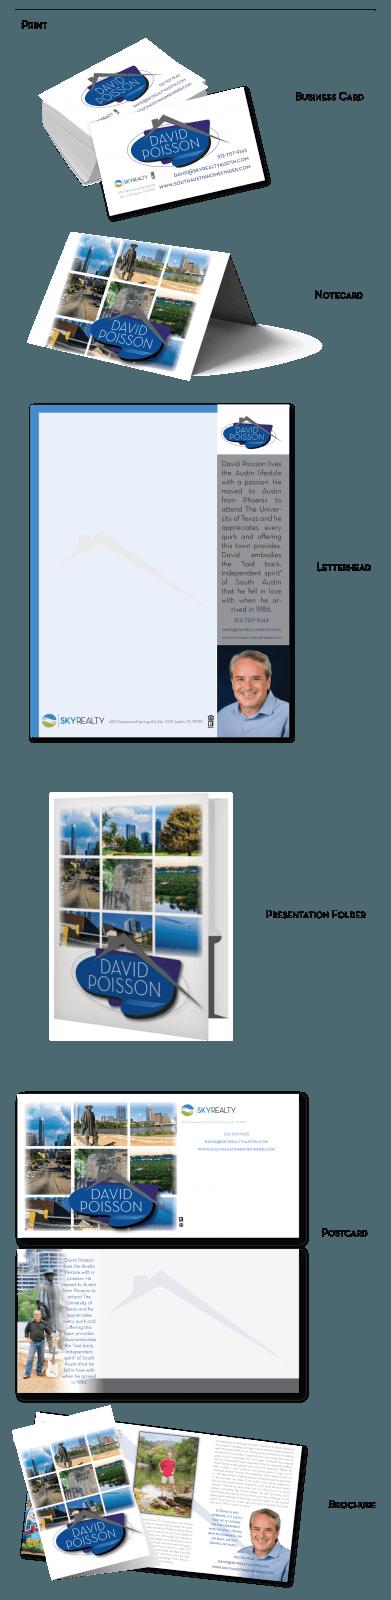 Design-Board-Web---David-Poisson_04